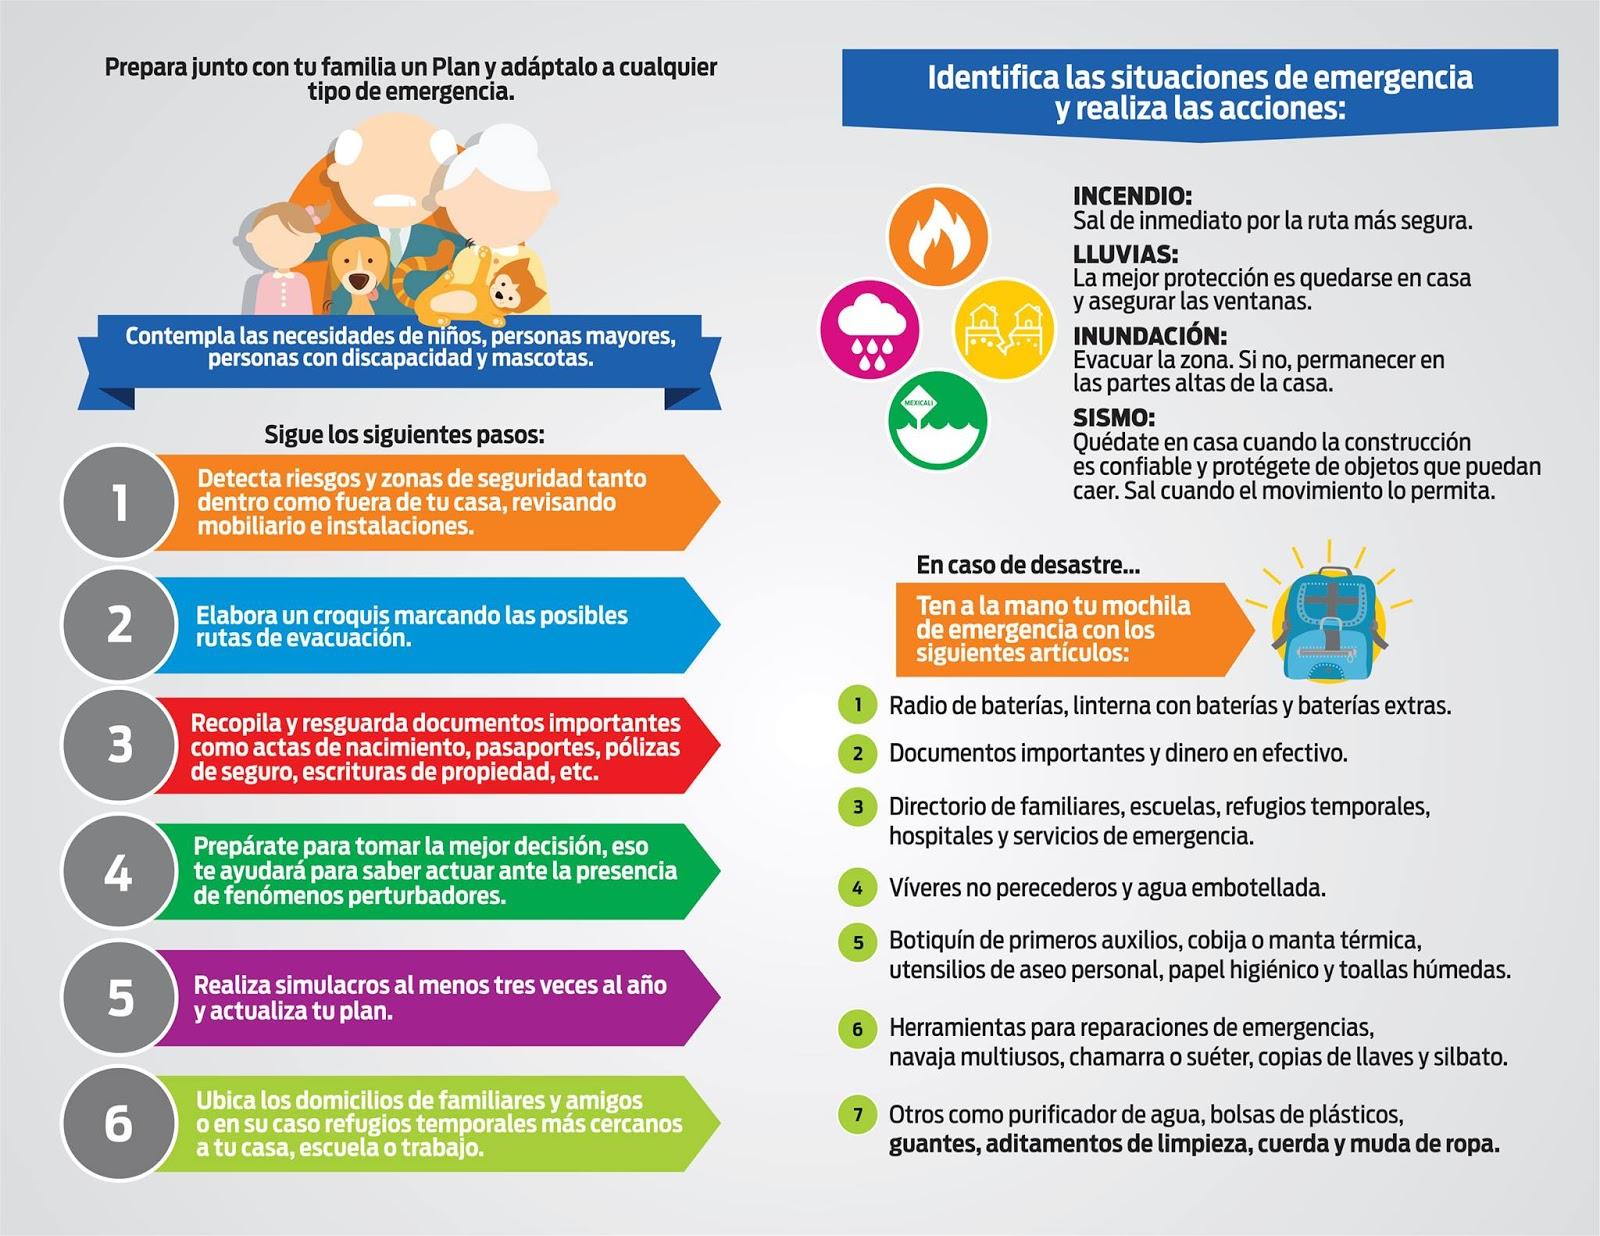 comunicación xxi ayuntamiento mexicali recomiendan contar con plan